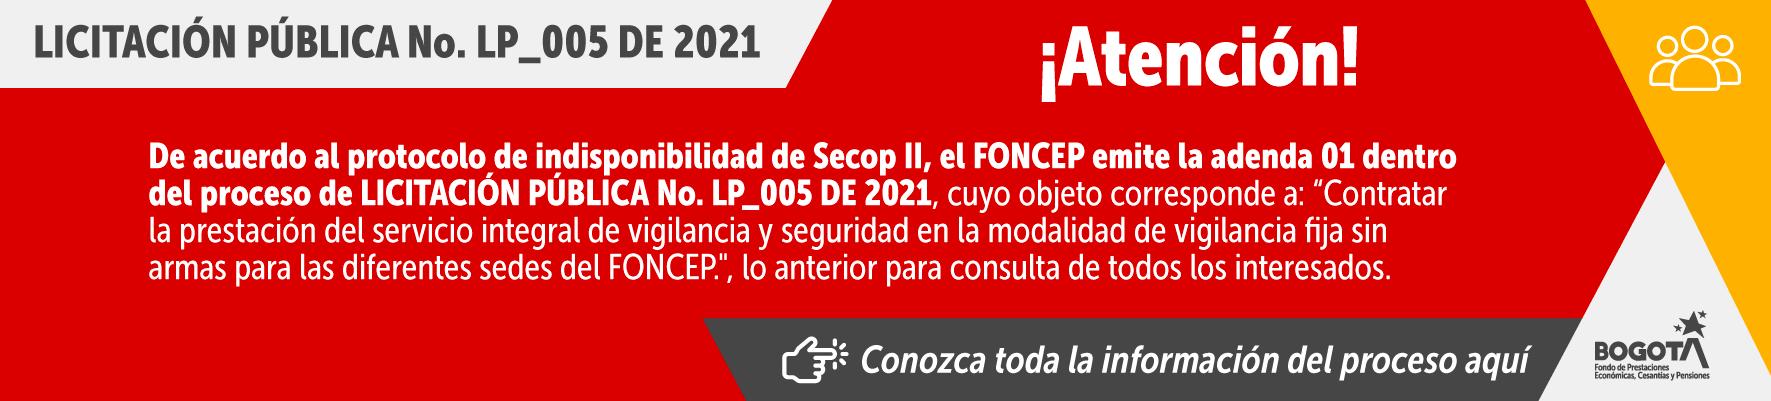 Licitación pública No. LP_005 de 2021 - Adenda 1 haga clic aqui y conozca más del proceso